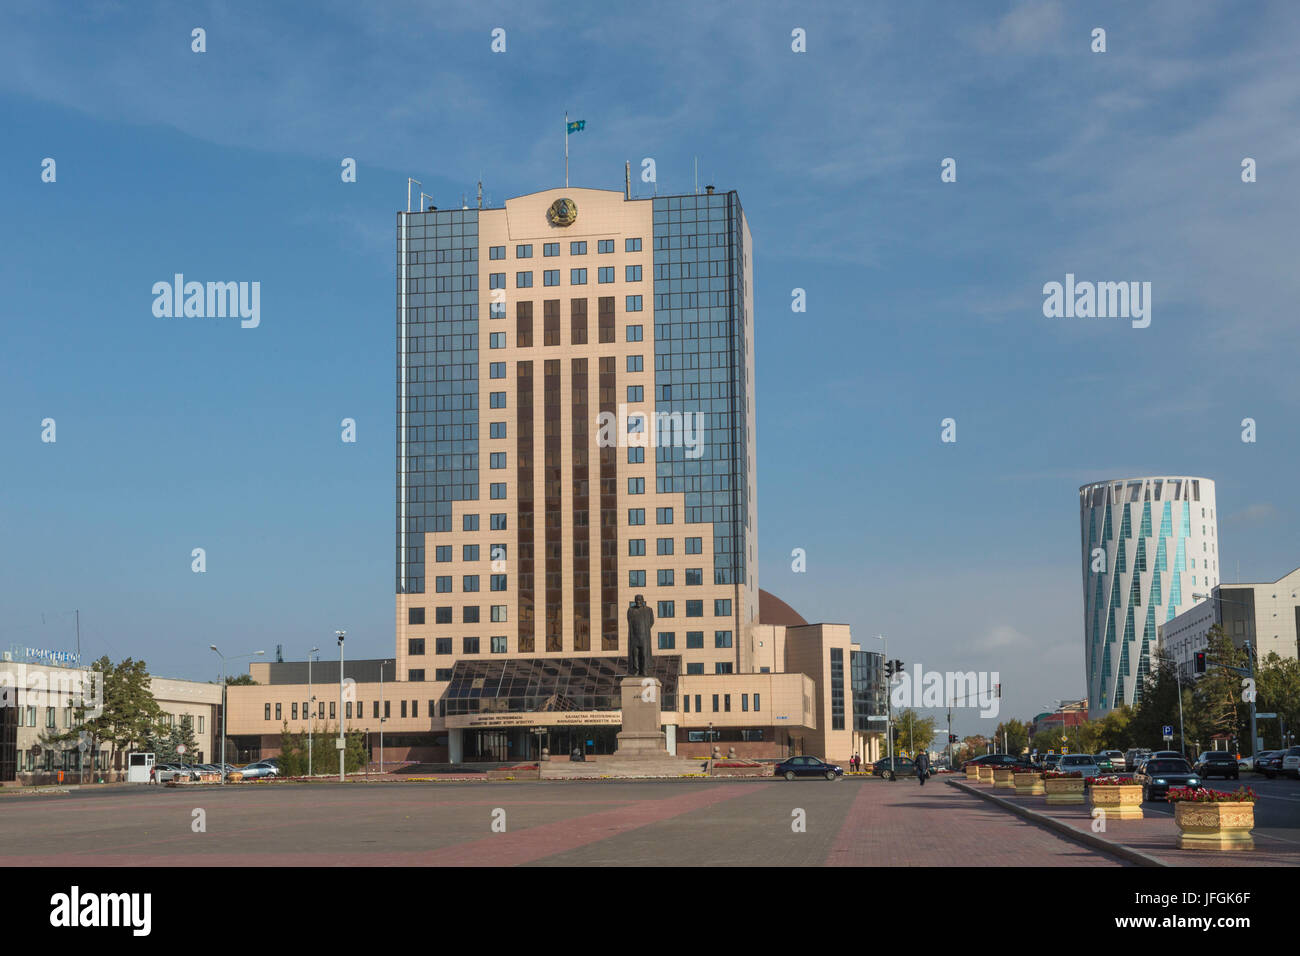 Kazakhstan, Astana City, Down town, Kazakh Goberment Agency - Stock Image